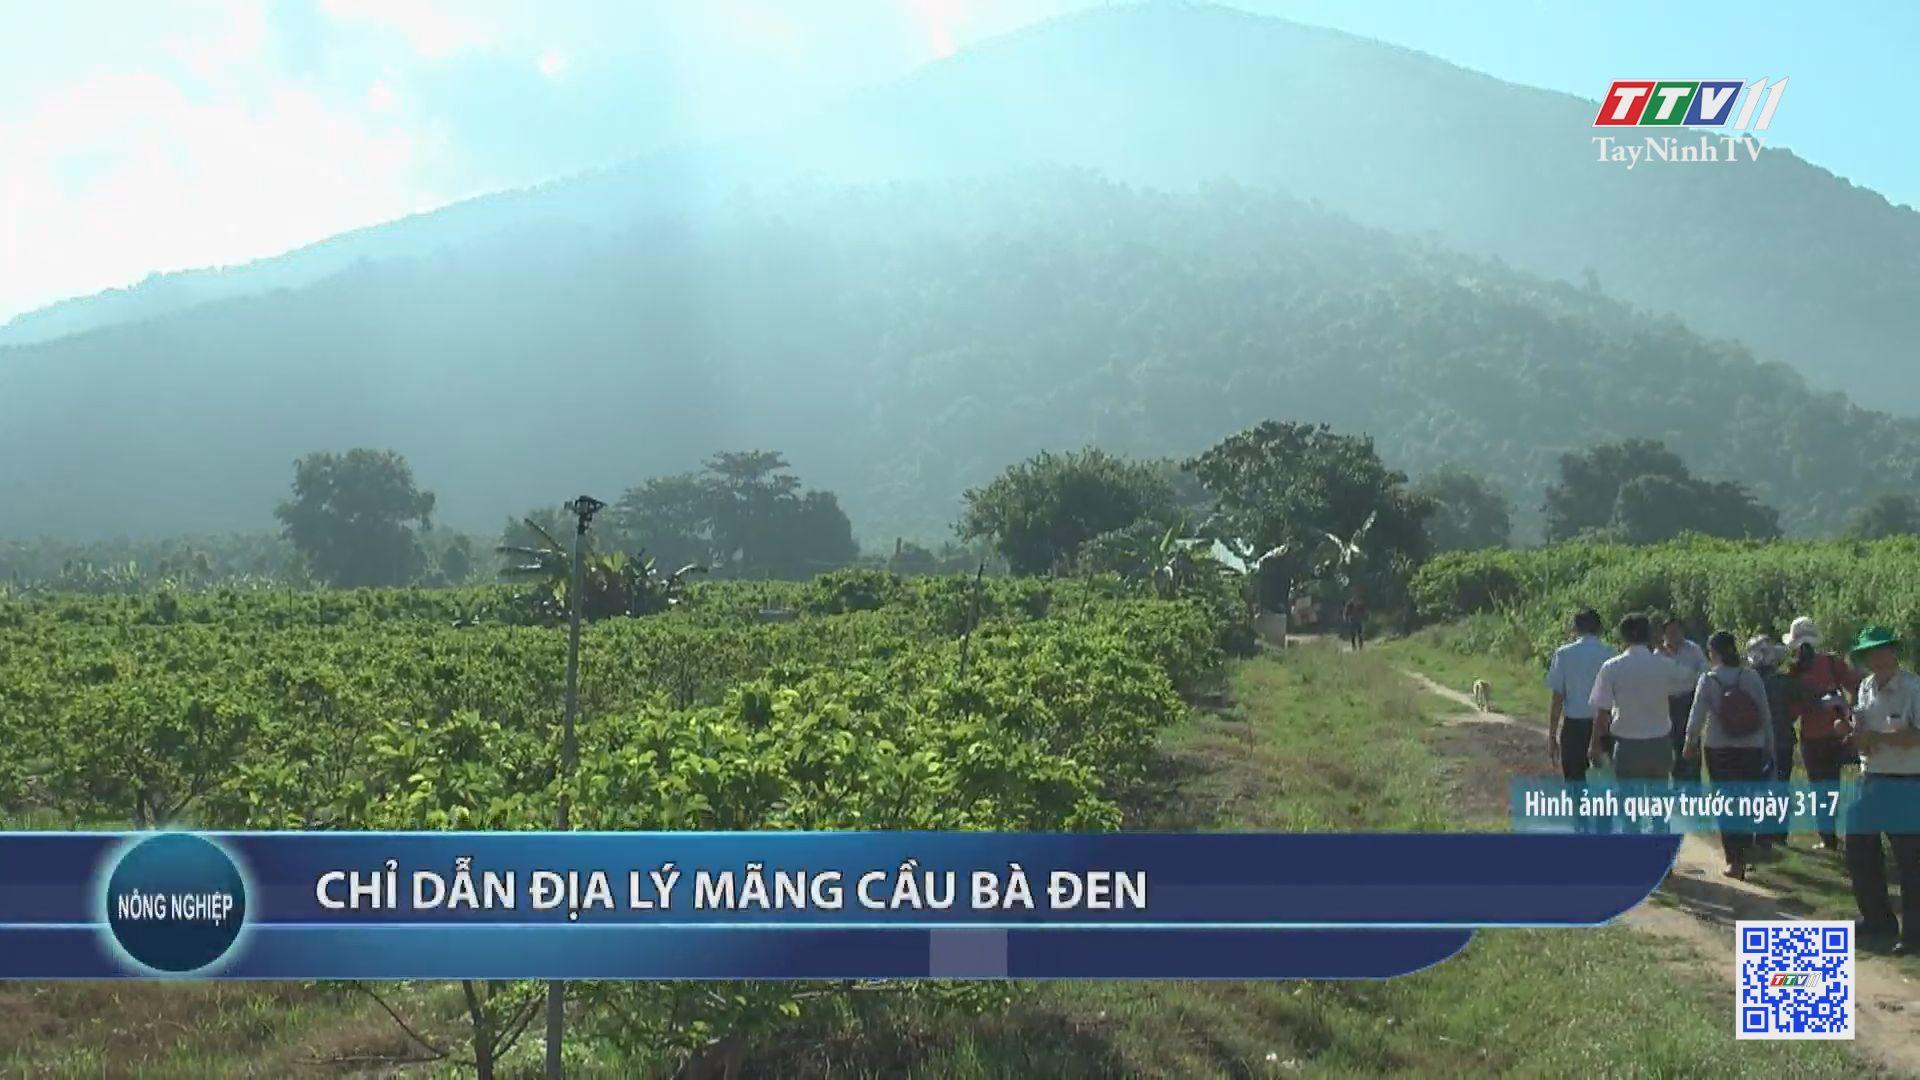 Chỉ dẫn địa lý mãng cầu Bà Đen | NÔNG NGHIỆP TÂY NINH | TayNinhTV